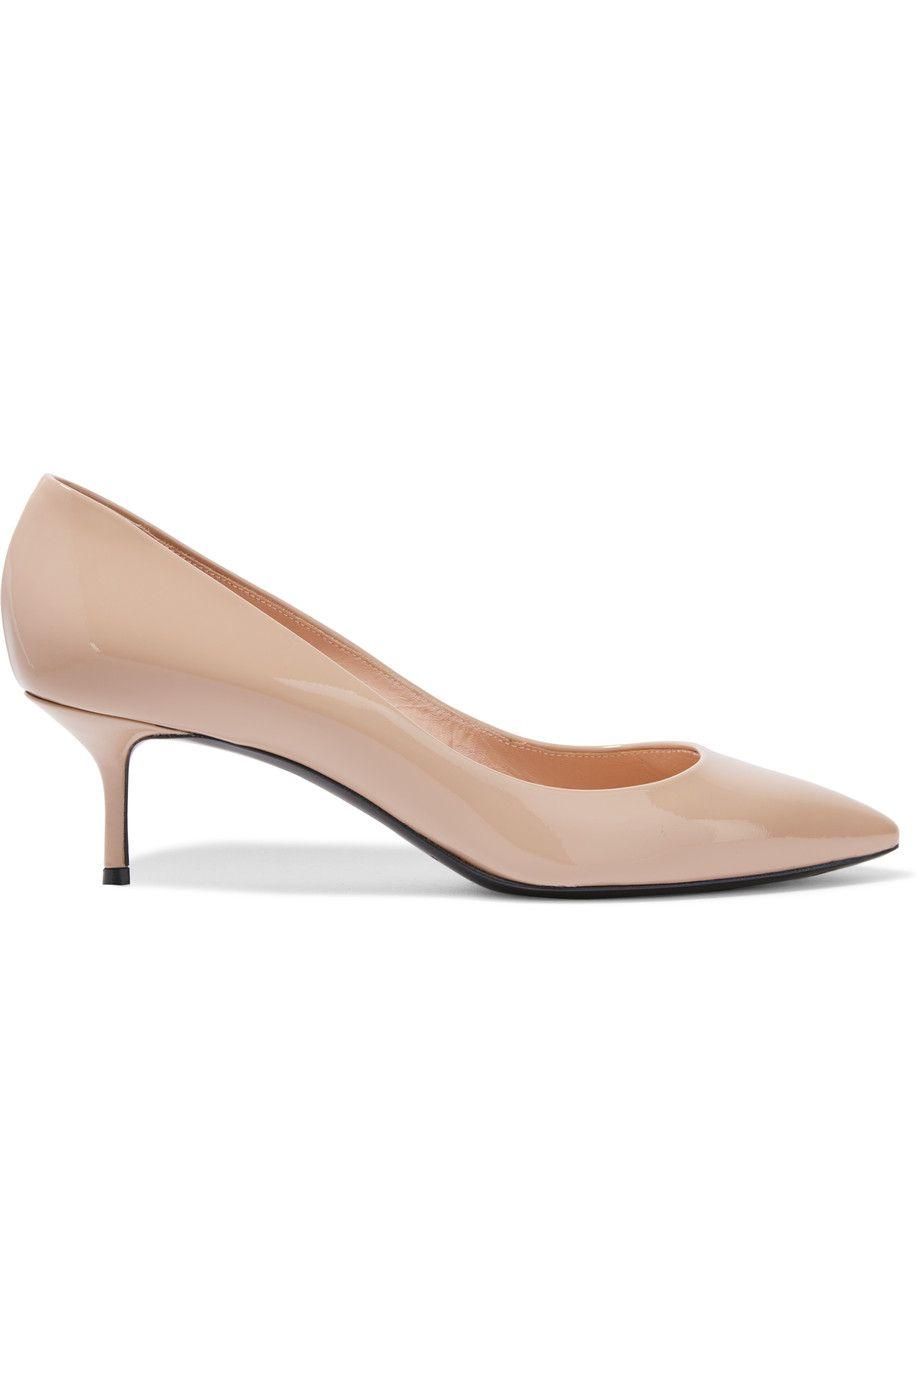 CASADEI Patent-Leather Pumps. #casadei #shoes #pumps